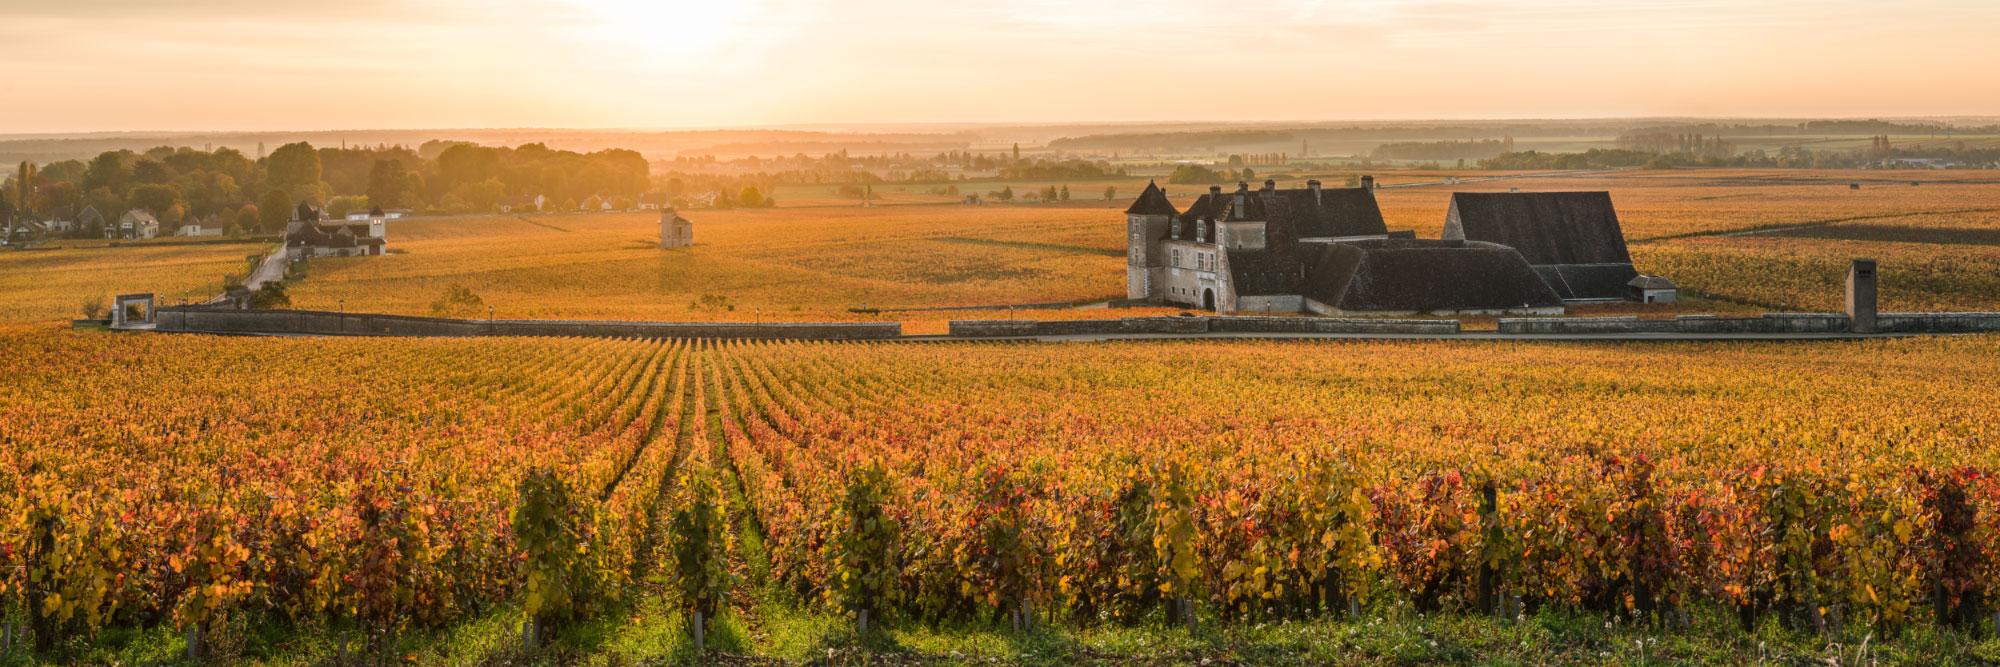 Vignoble du Clos-de-Vougeot